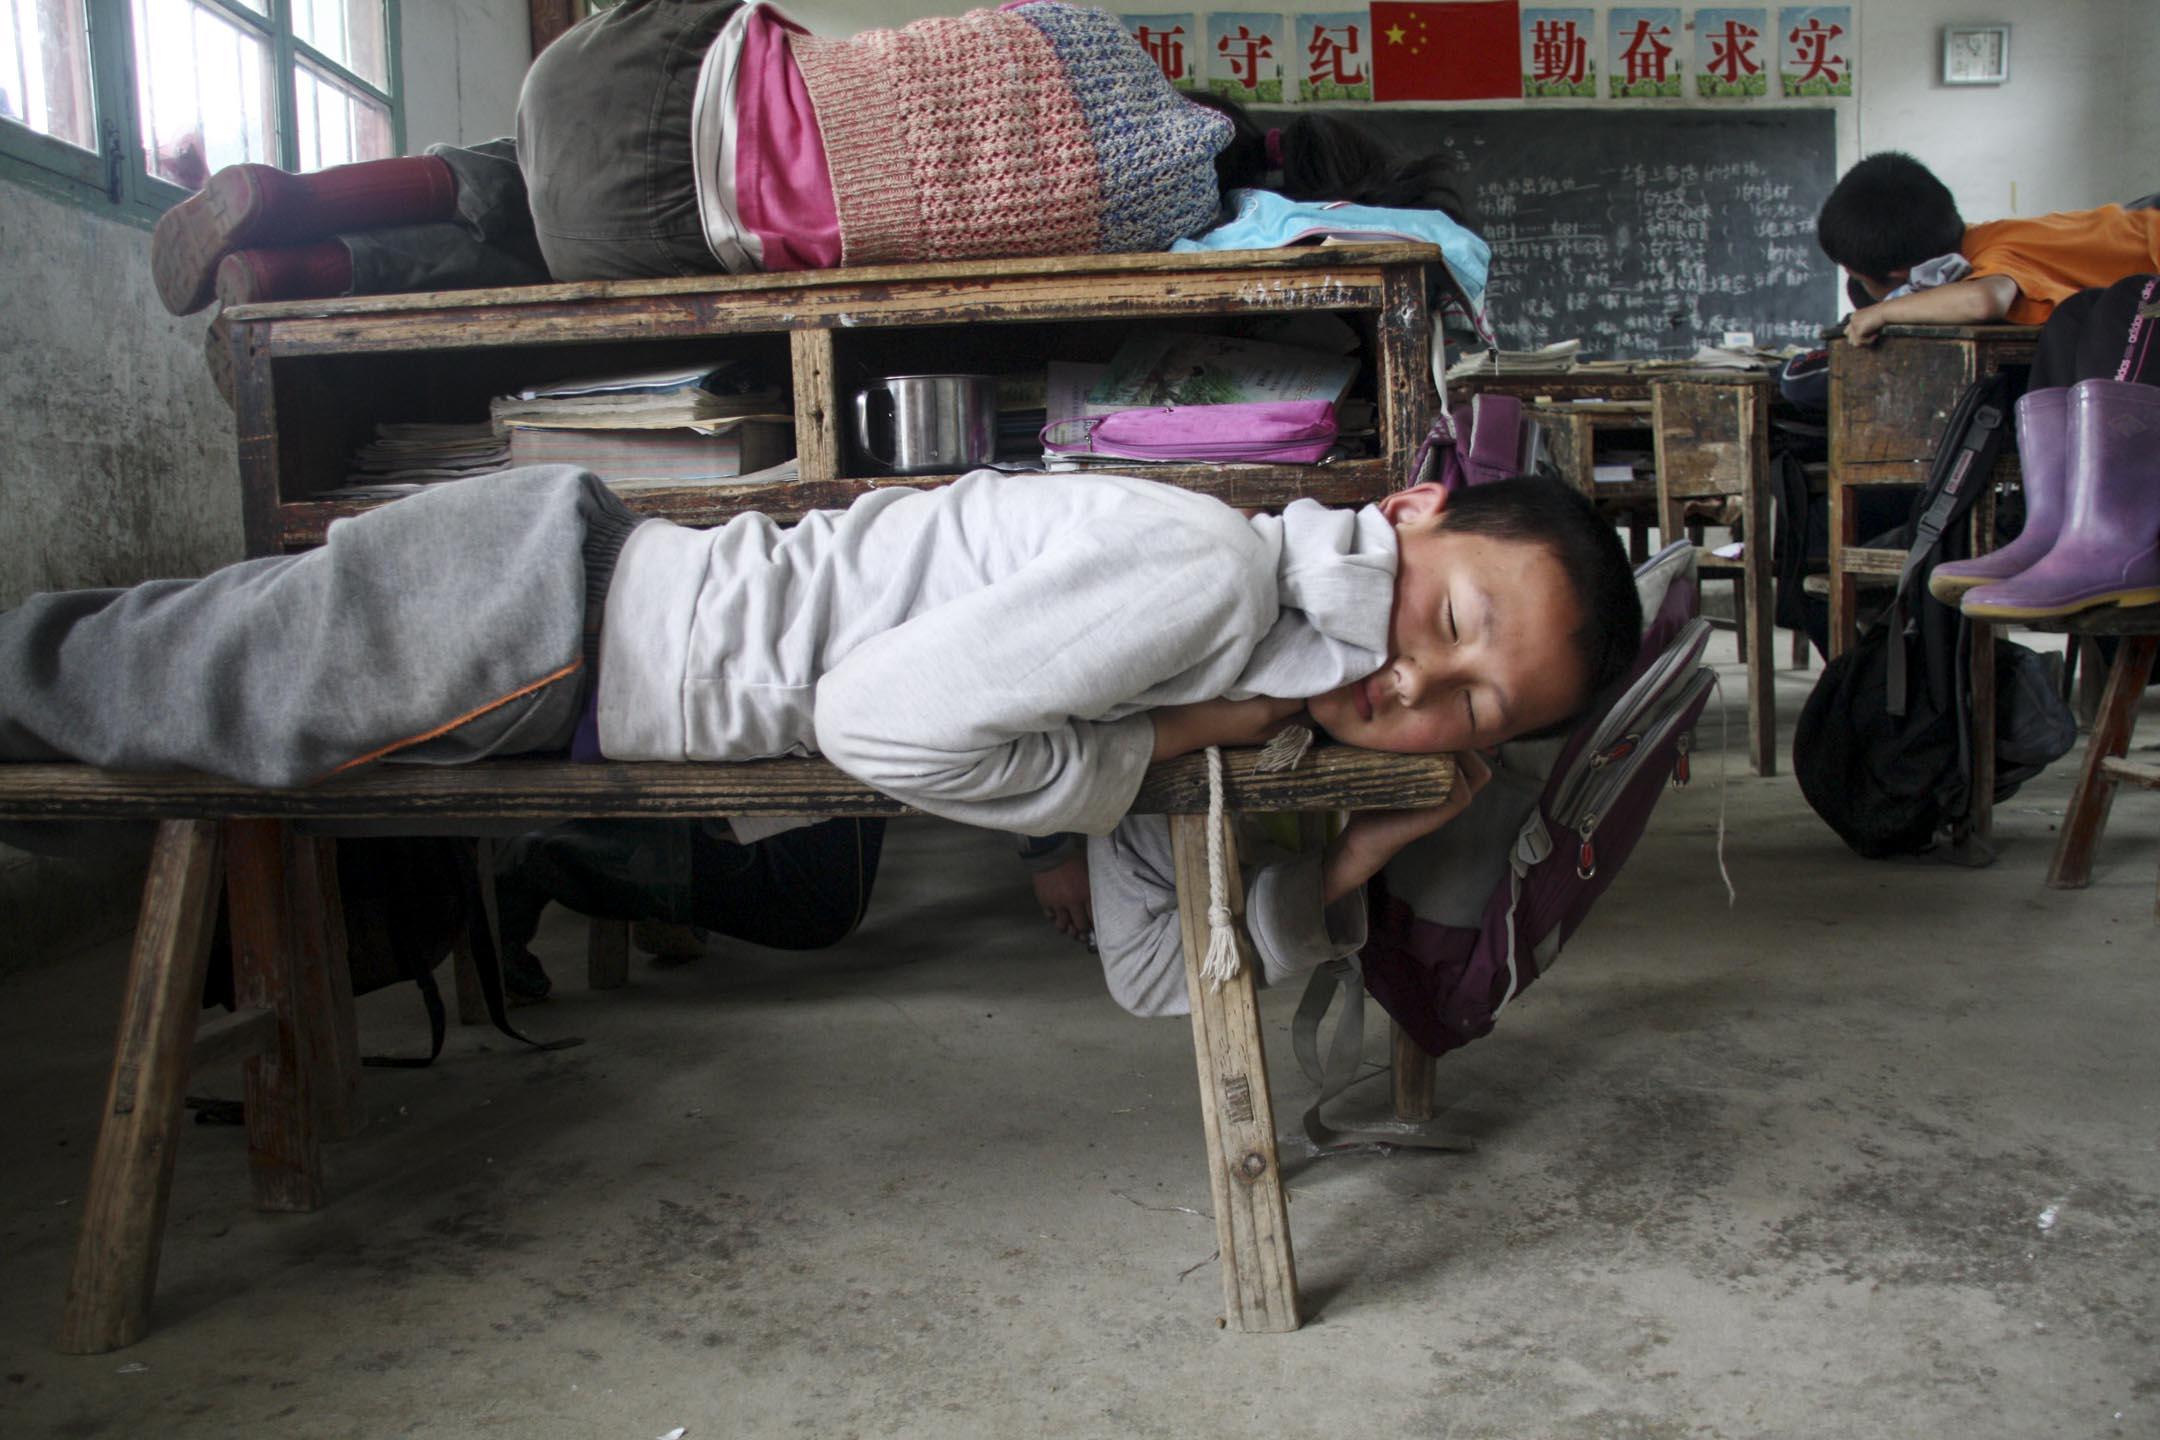 風向在2013年轉變。隨着各大城市嚴控人口規模成為主流勢態,城市入學門檻提高、學校關停,越來越多的流動兒童被迫返鄉回家,再次成為留守兒童。